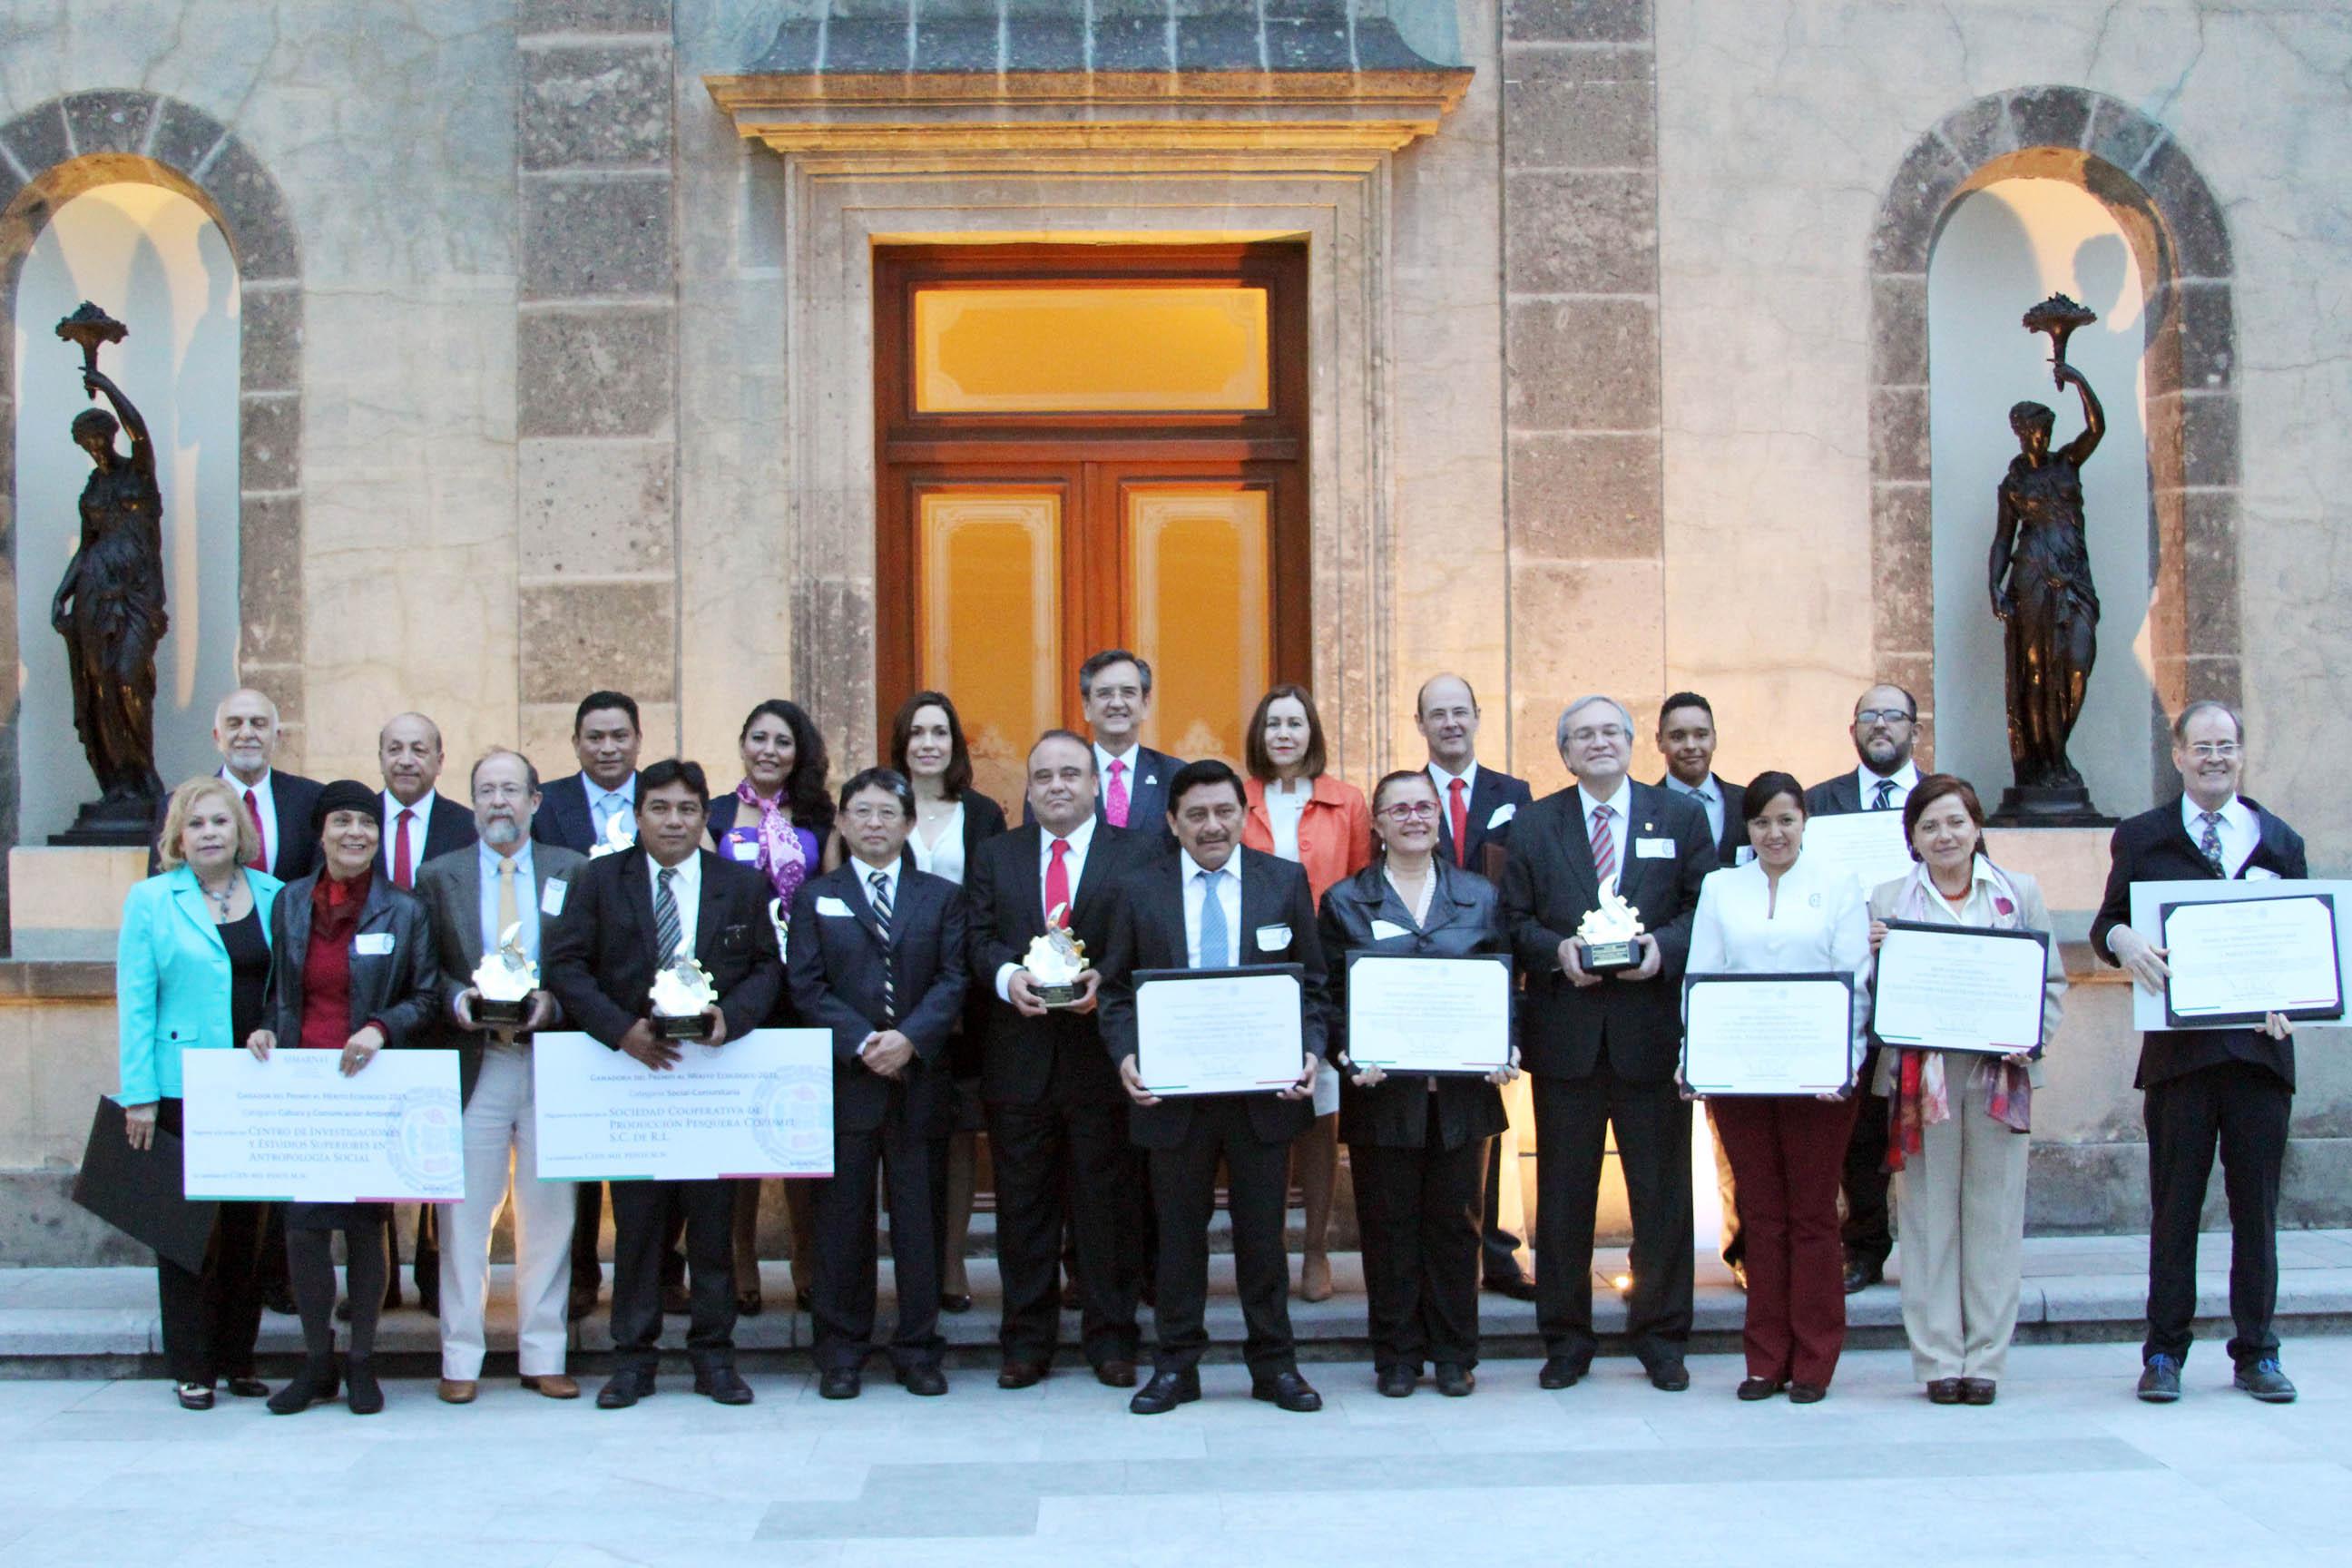 Galardonados del Premio al Mérito Ecológico